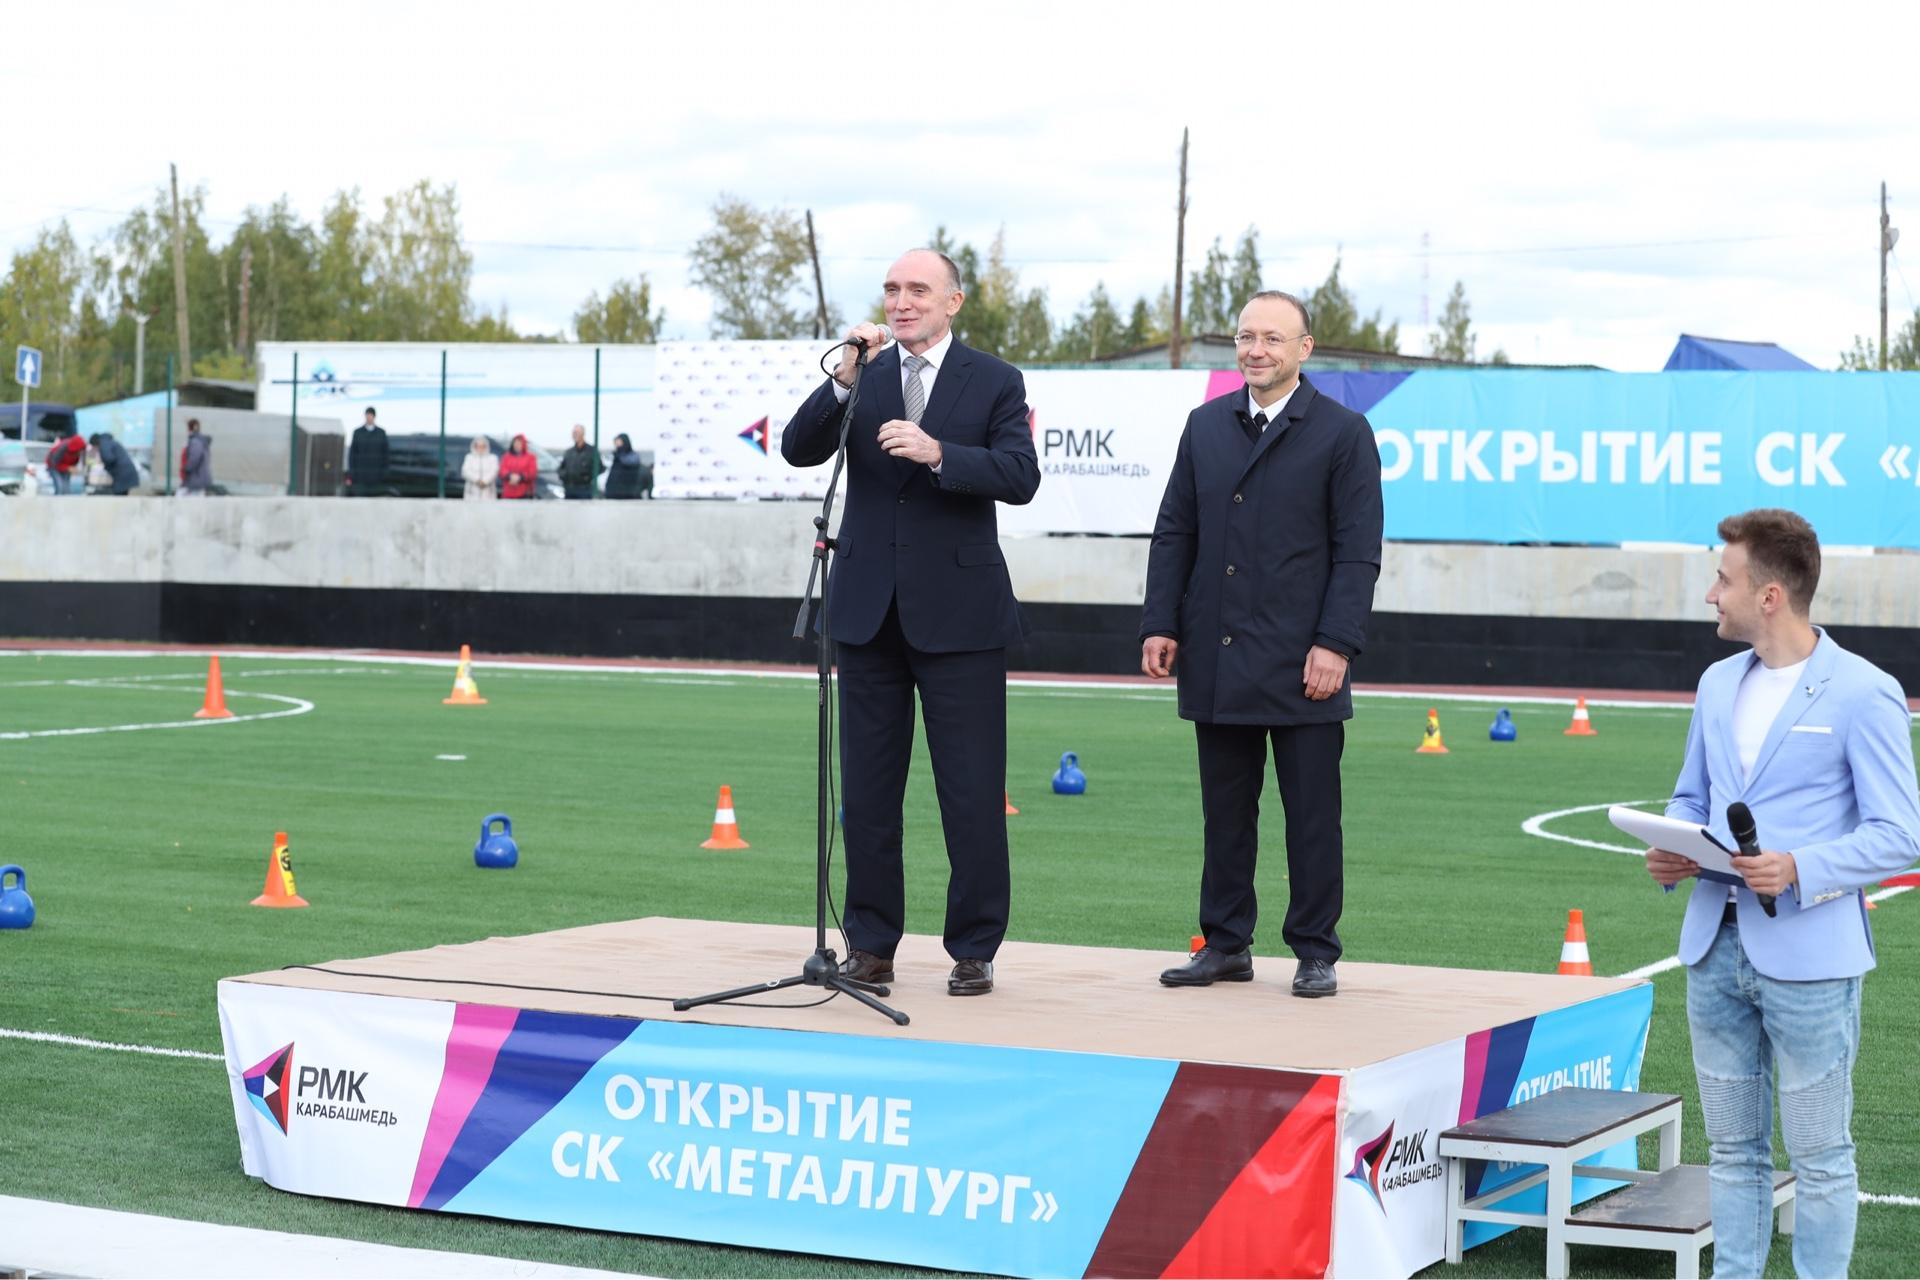 «Этот проект реализован благодаря усилиям, работе и финансированию Русской медной компании